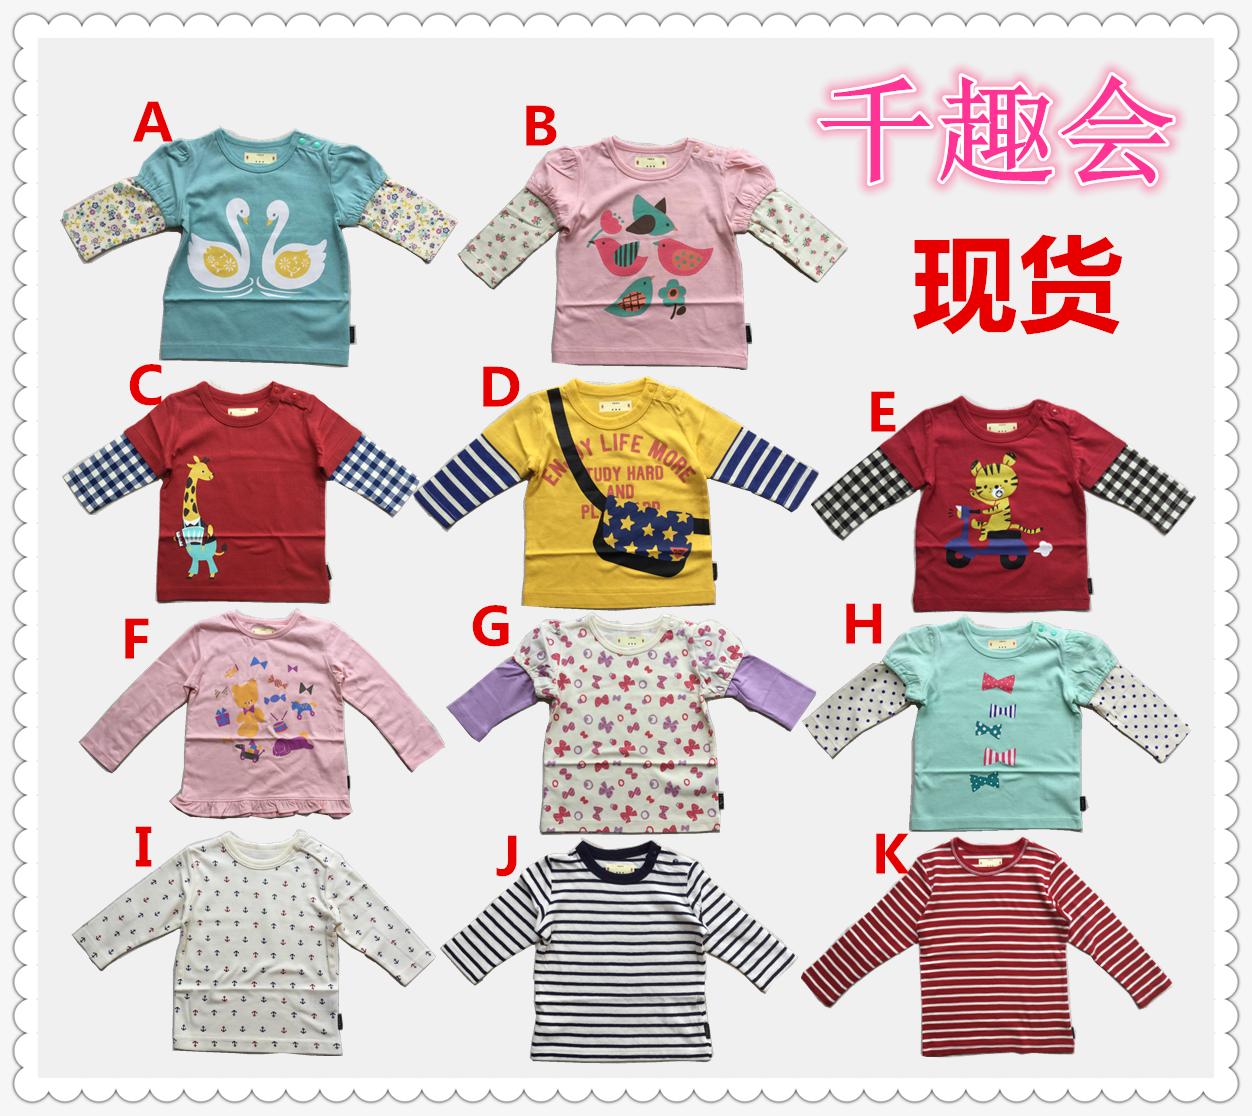 特价清货包邮实拍日本千趣会官网正品童装男女宝宝长袖T恤